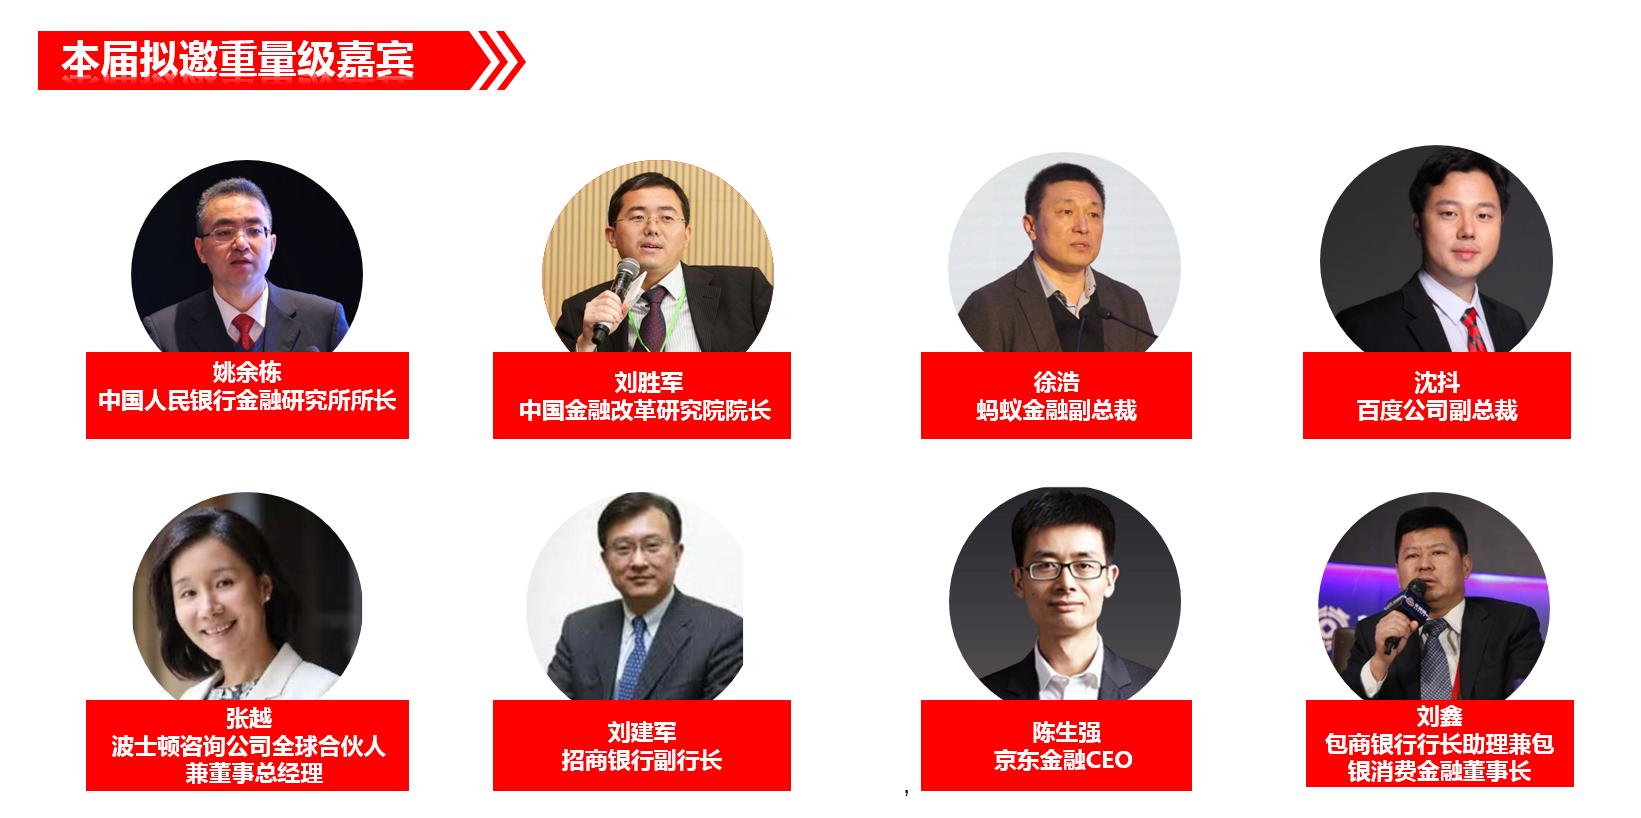 2018中国金融科技创新与投资年会